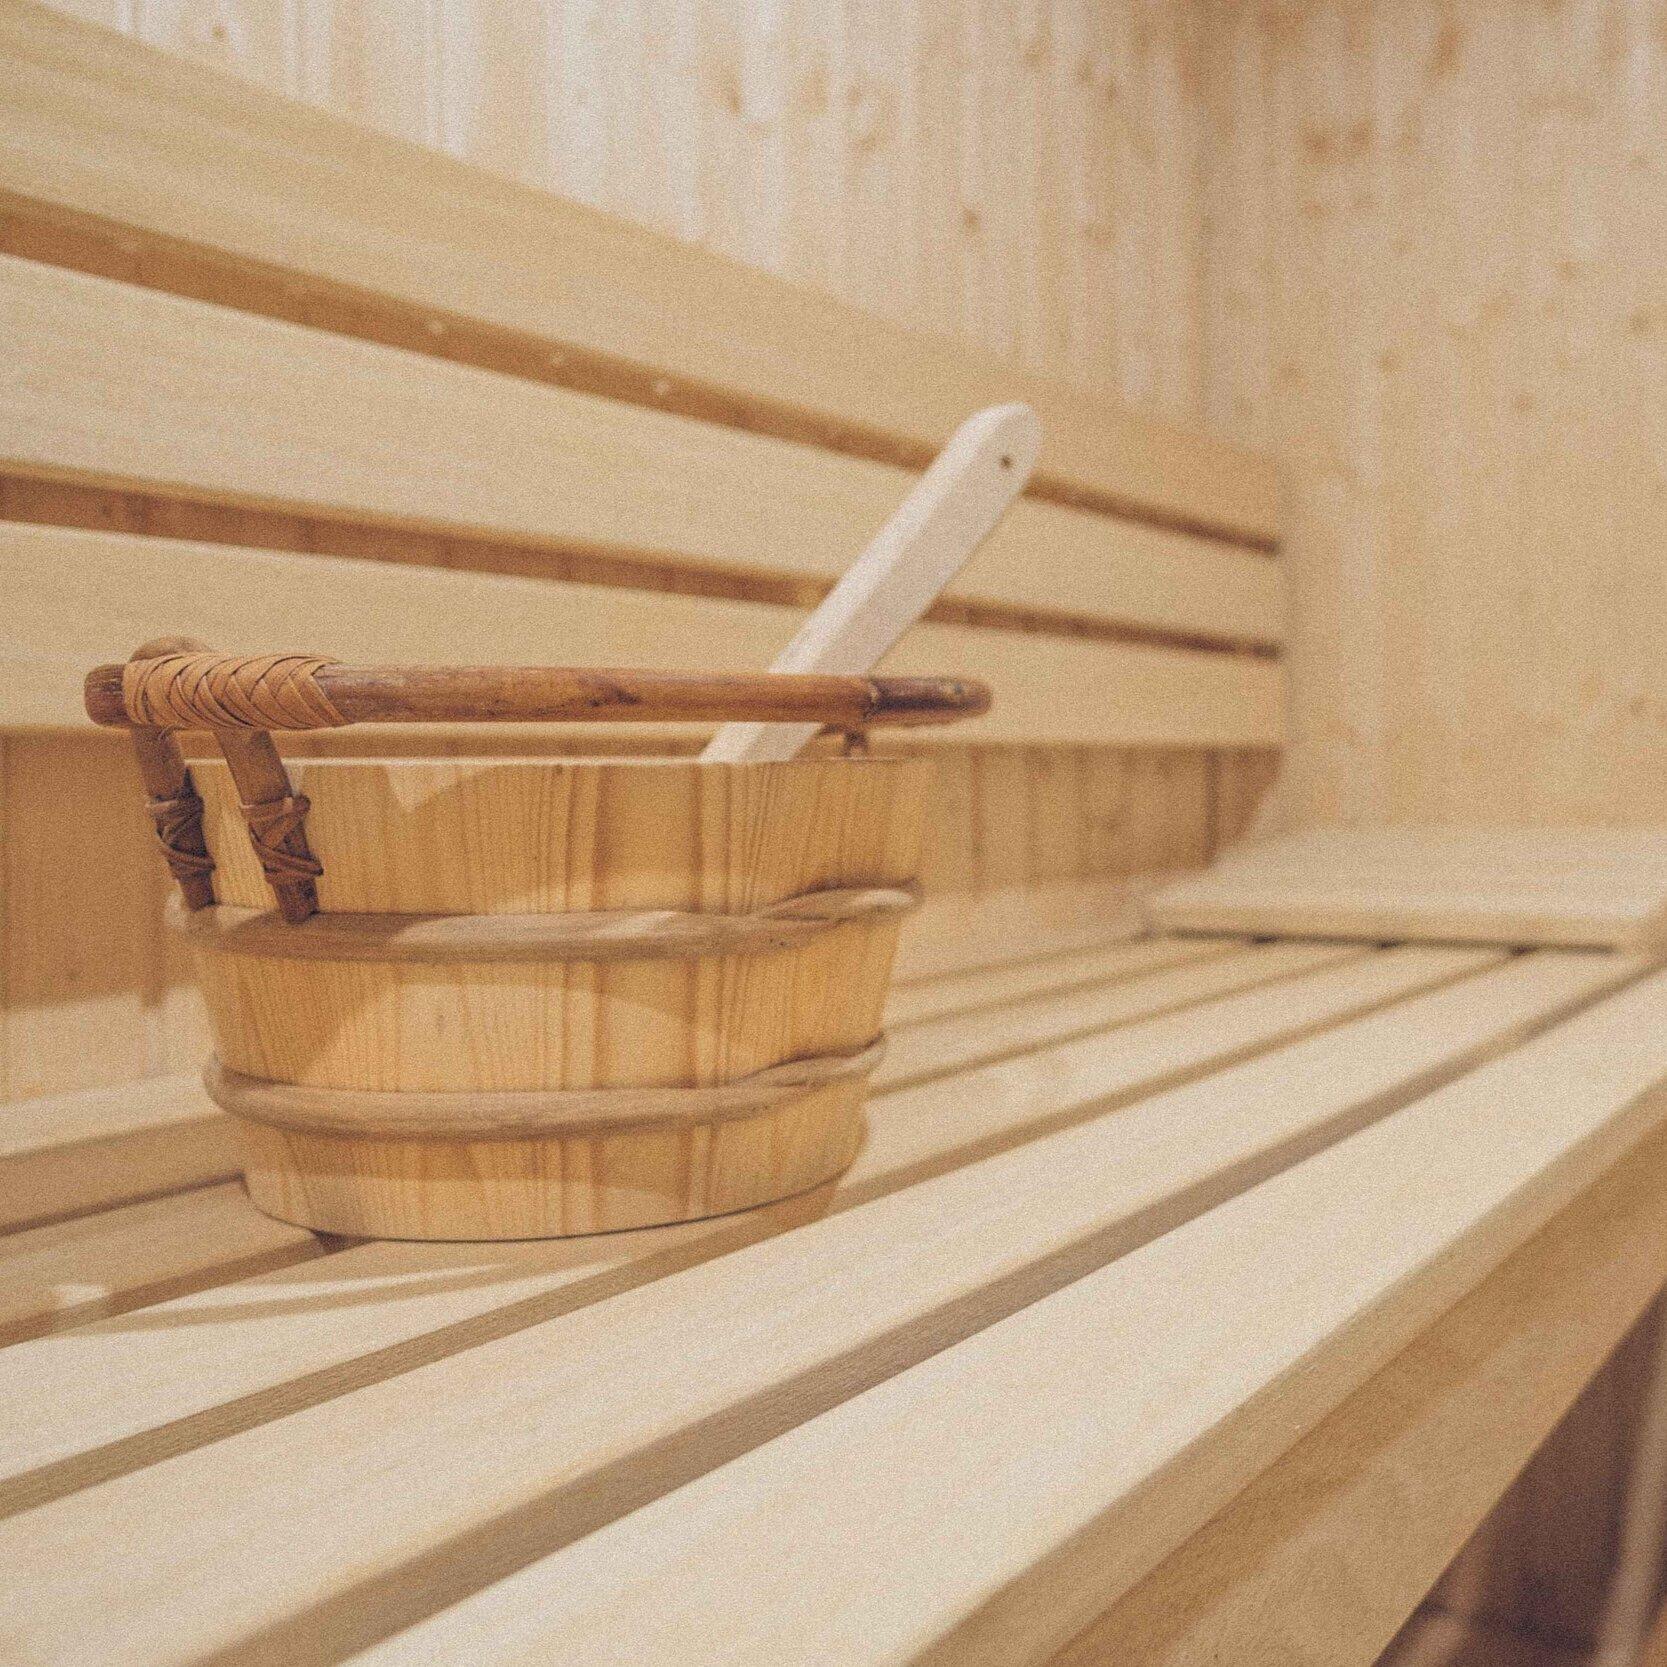 Prywatna Sauna została otwarta w naszym pałacu! - W zimie 2018 roku, zaczęliśmy spełniać nasze marzenie o prywatnej, pałacowej saunie, aby móc rozpieszczać naszych gości. Obiekt jest już otwarty i mieści się on pod pięknie odrestaurowanymi sklepieniami z czerwonej cegły. Pałacowe spa składa się z sauny fińskiej, kabiny prysznicowej z deszczownicą, salonem i pokojem do masażu. Podczas pobytu w pałacu, istnieje możliwość zarezerwowania jednogodzinnej prywatnej sesji w spa dla własnej uciechy, podczas, której nie trzeba się dzielić tą sielankową przestrzenią z nikim innym. Aby uzyskać więcej informacji o ofercie spa i masażu, prosimy o kontakt przez e-mail Matt@palacosowasien.pl